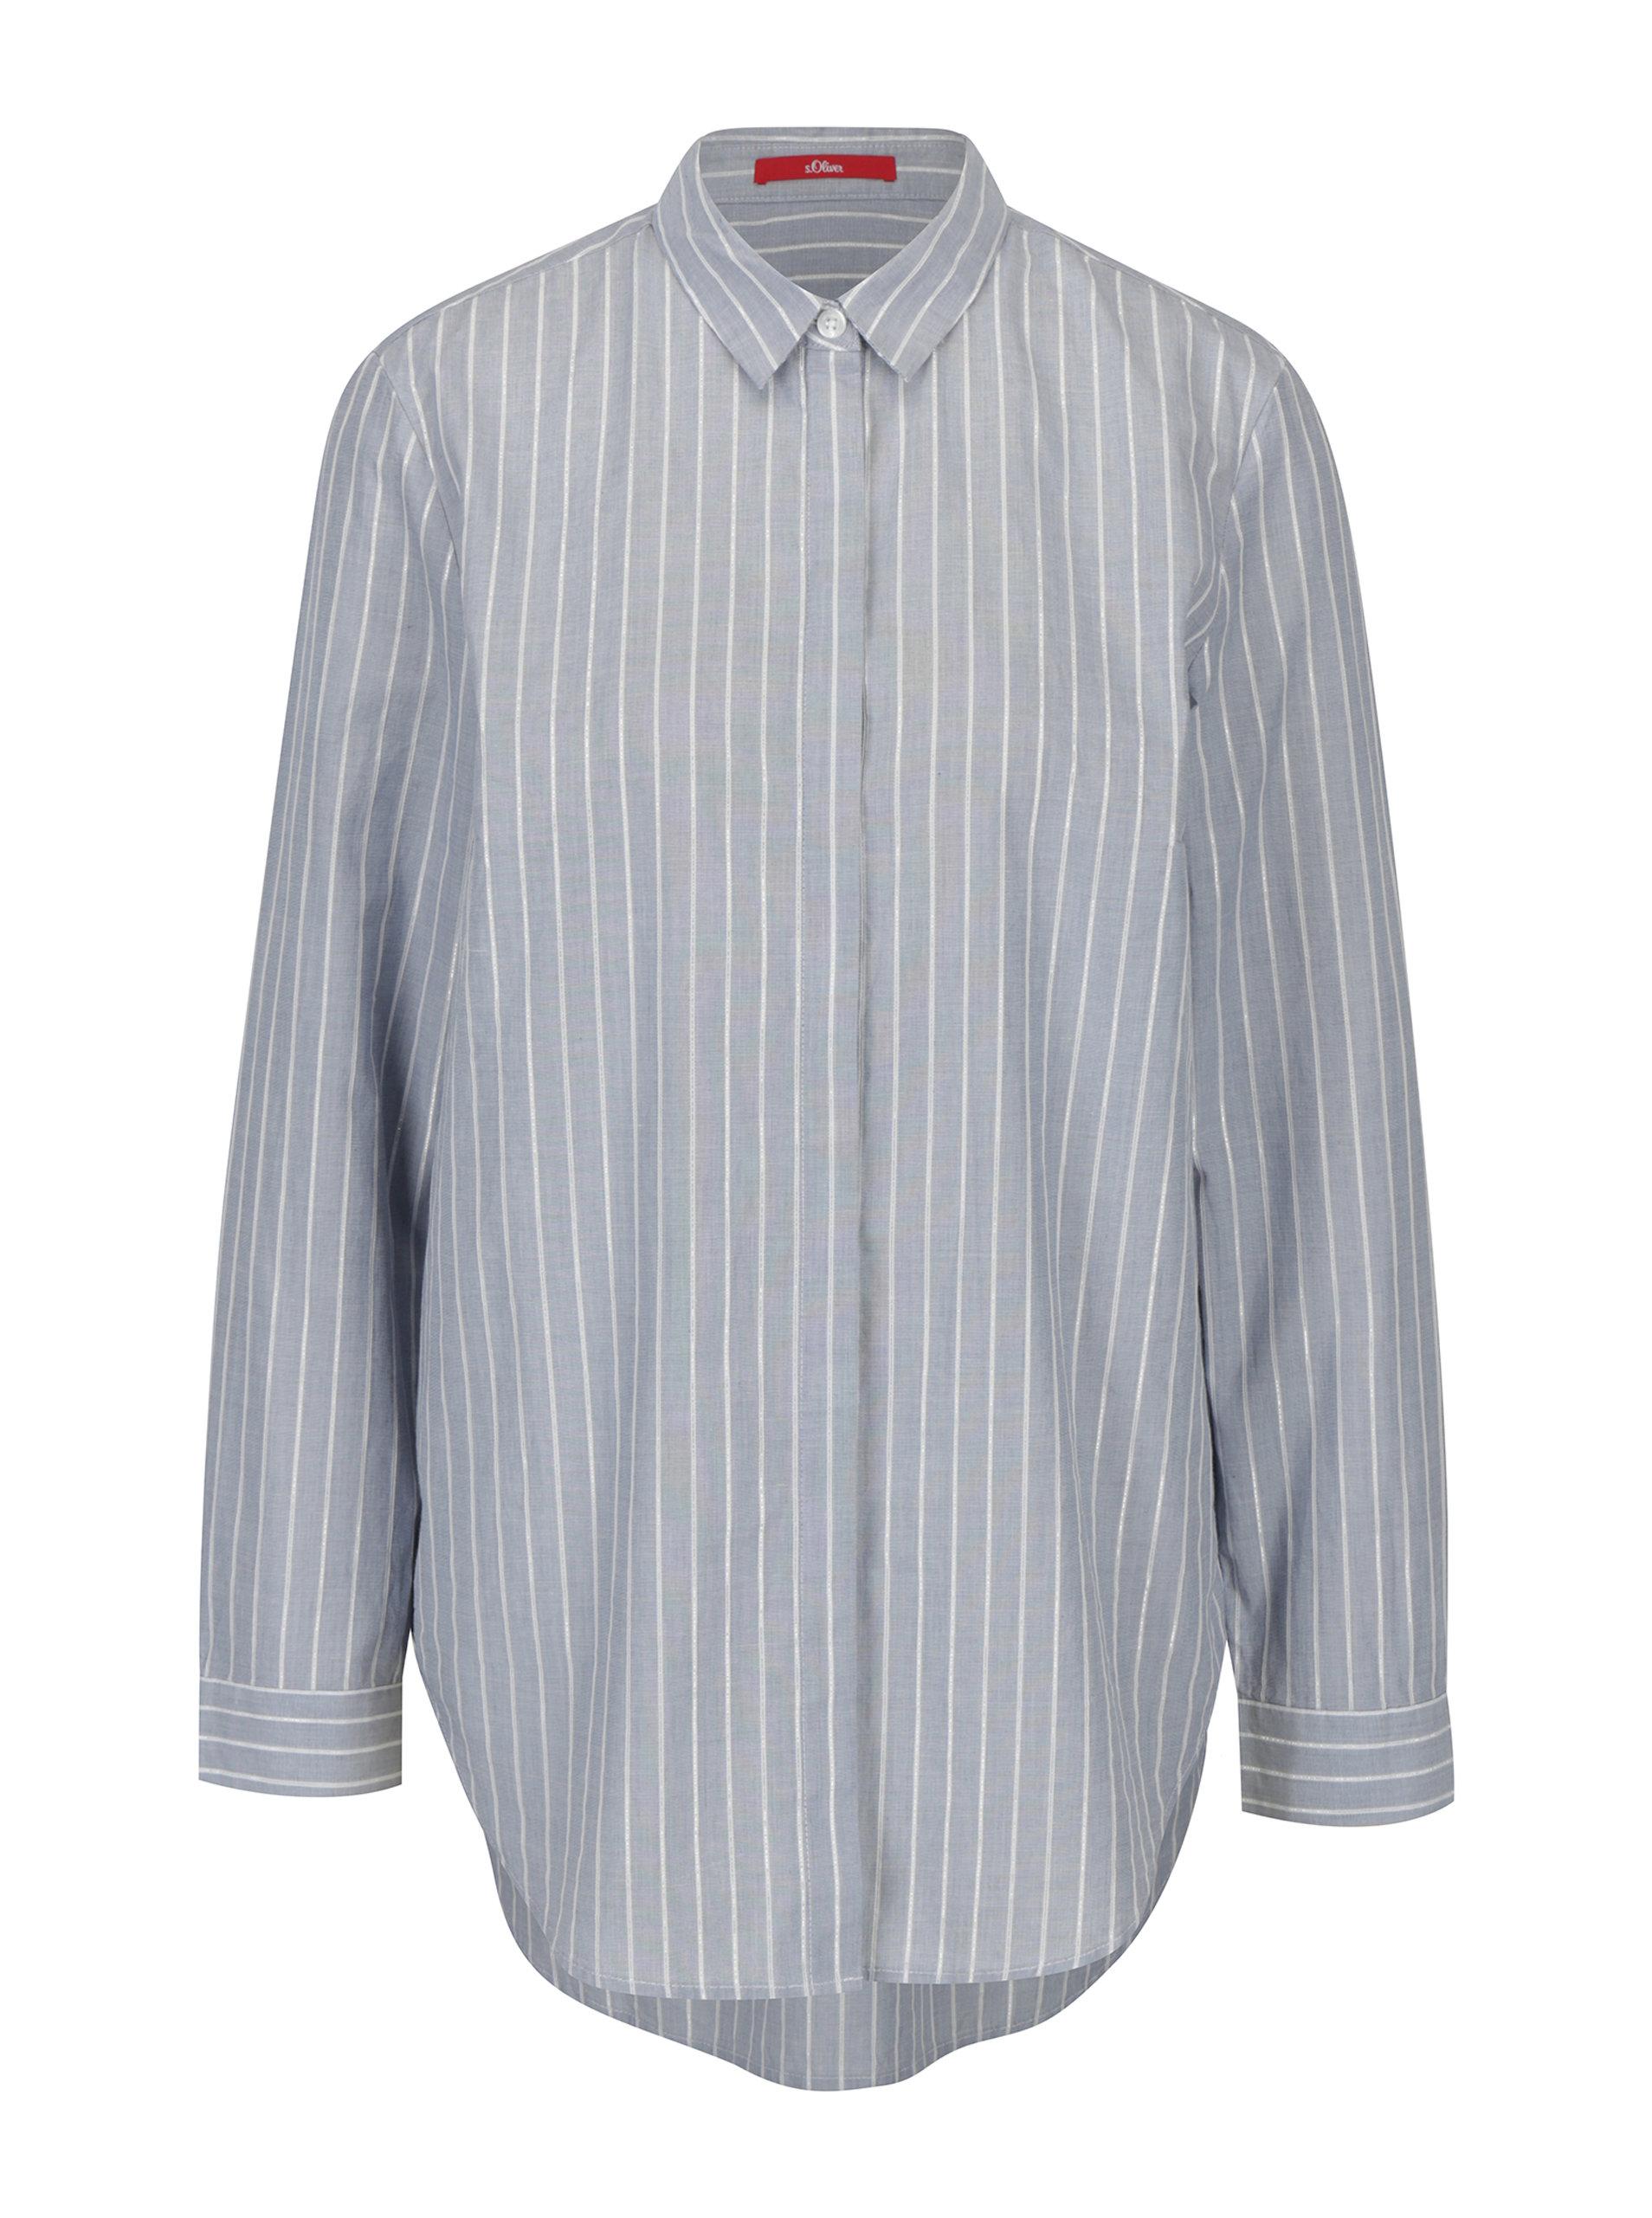 51667a278df8 Modrá dámska pruhovaná košeľa s.Oliver ...